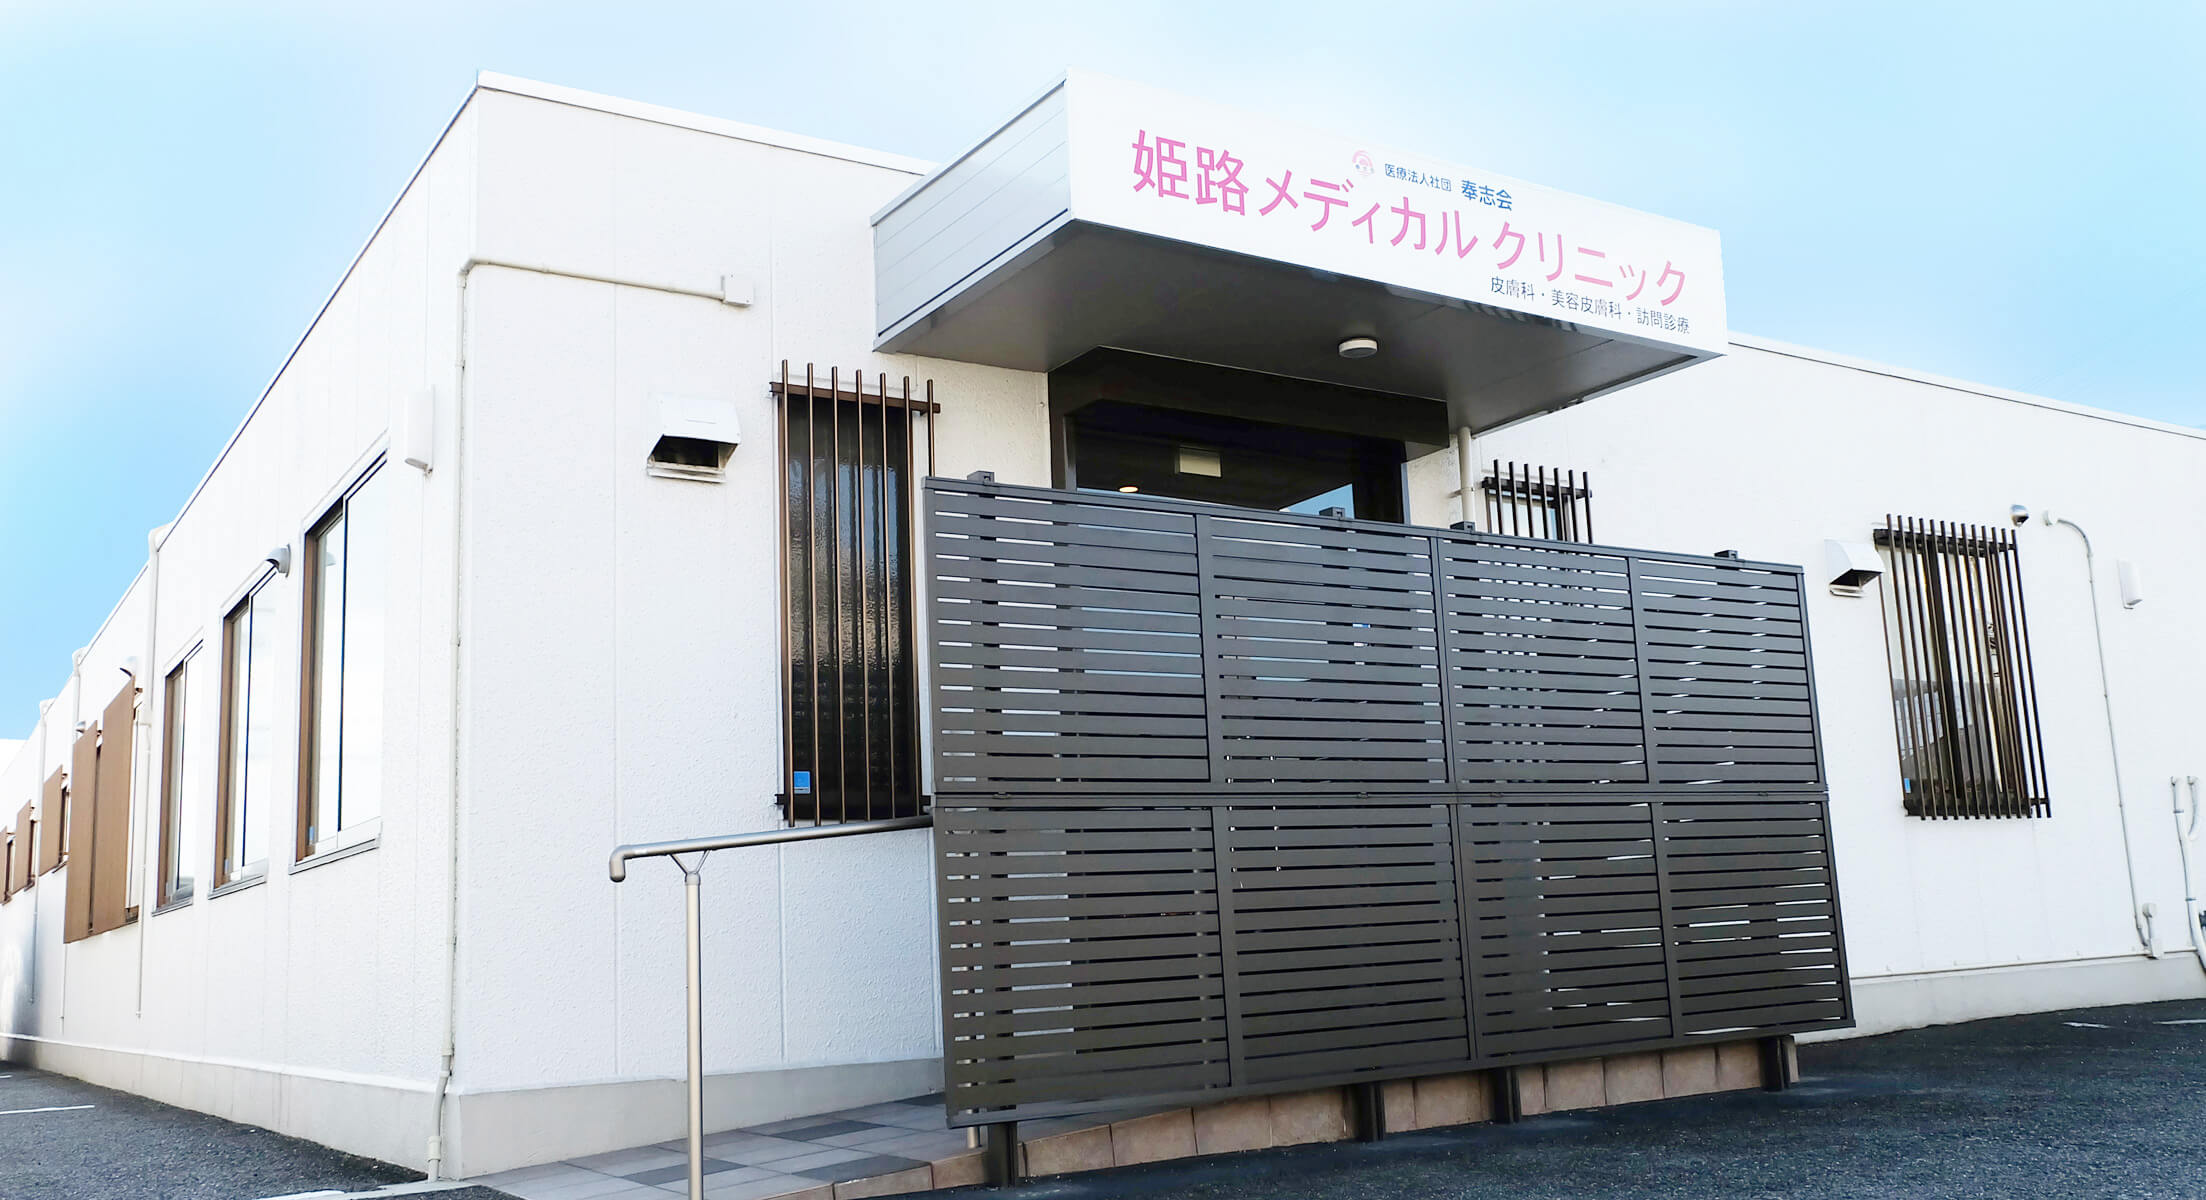 姫路メディカルクリニックの店舗詳細